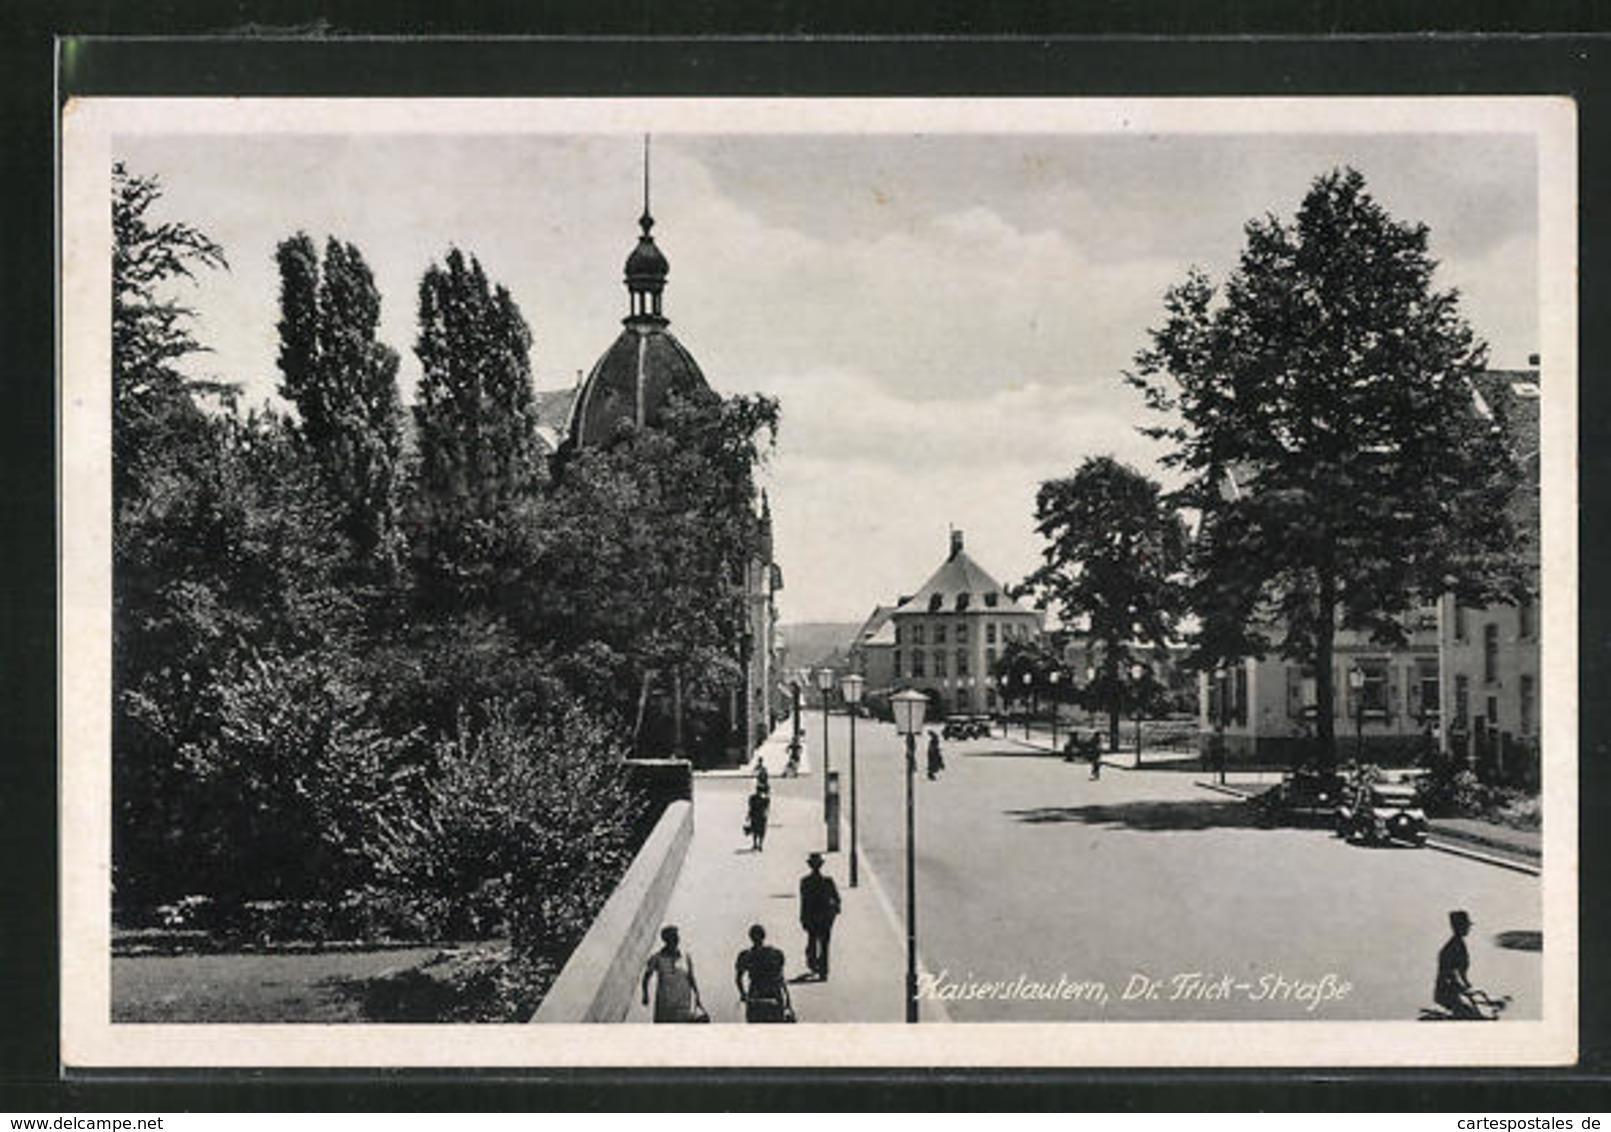 AK Kaiserslautern, Blick Auf Die Dr. Frick-Strasse - Kaiserslautern